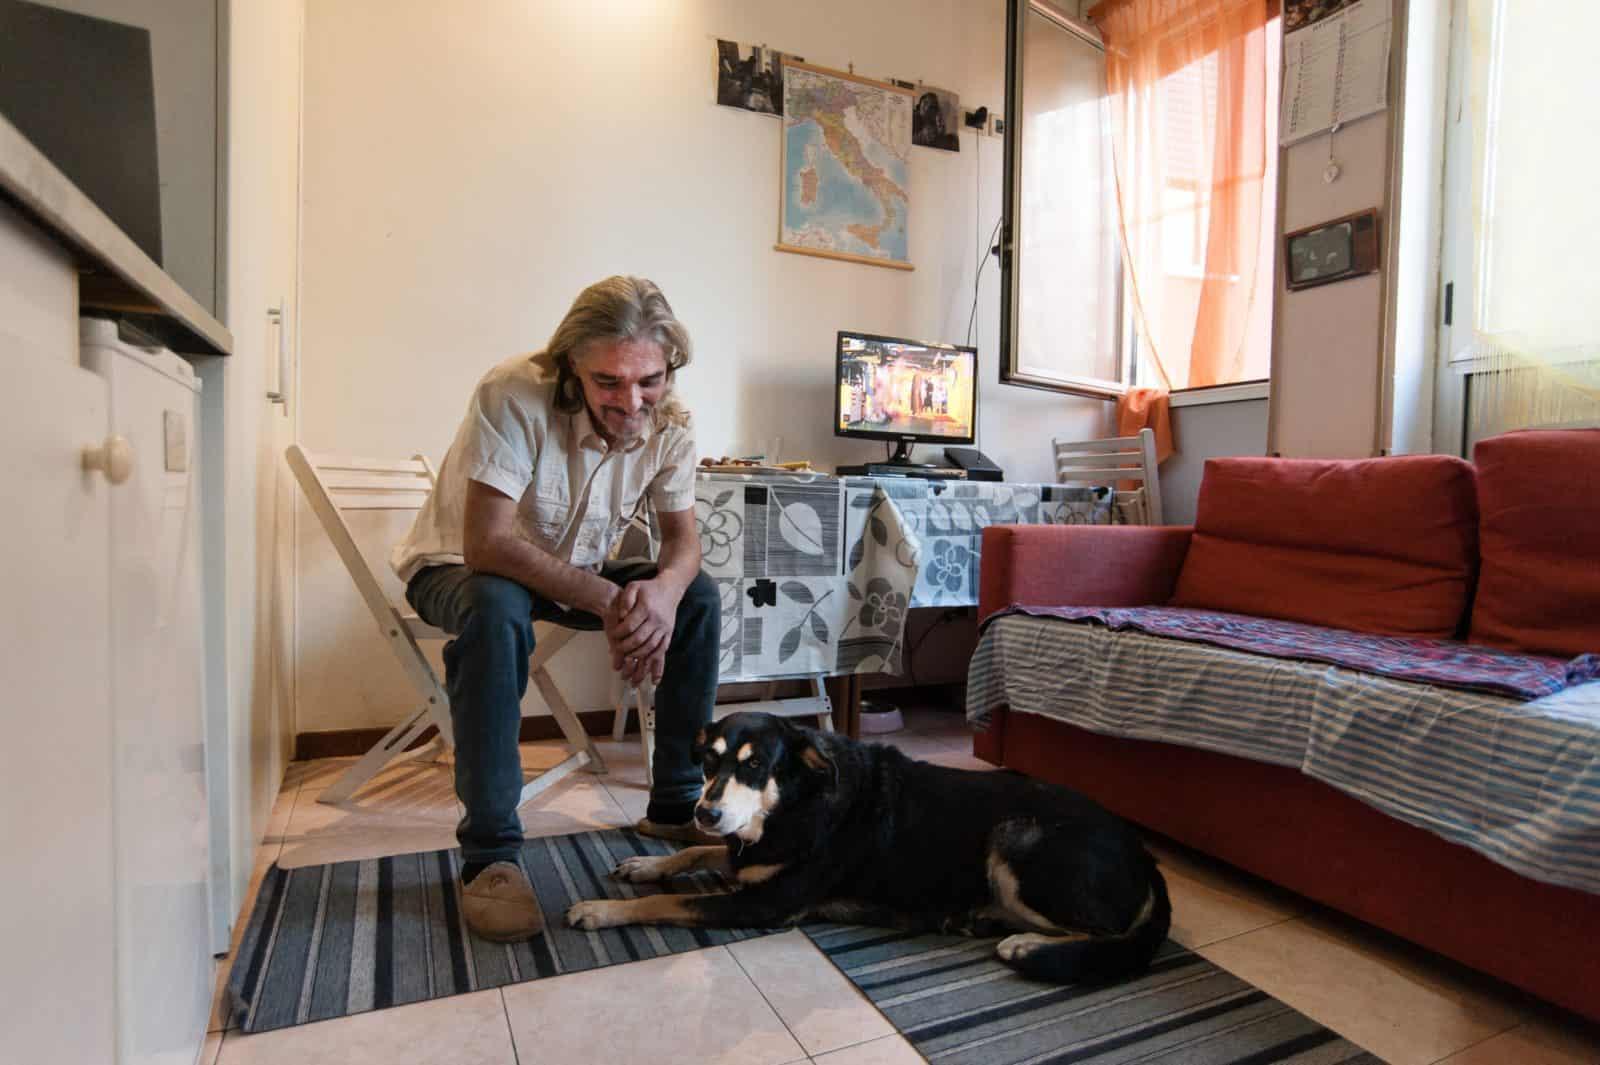 Housing first: Ehemaliger Obdachloser mit Hund in Rom